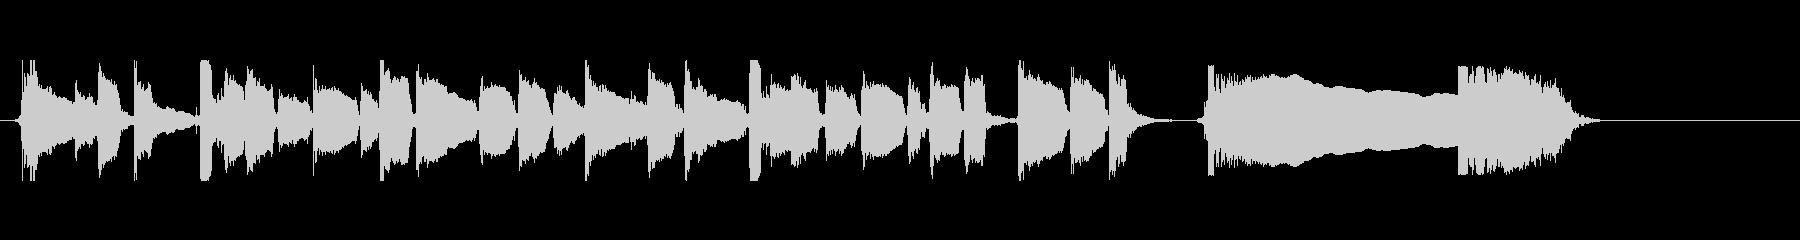 アコースティックギター 場面転換④ ソロの未再生の波形